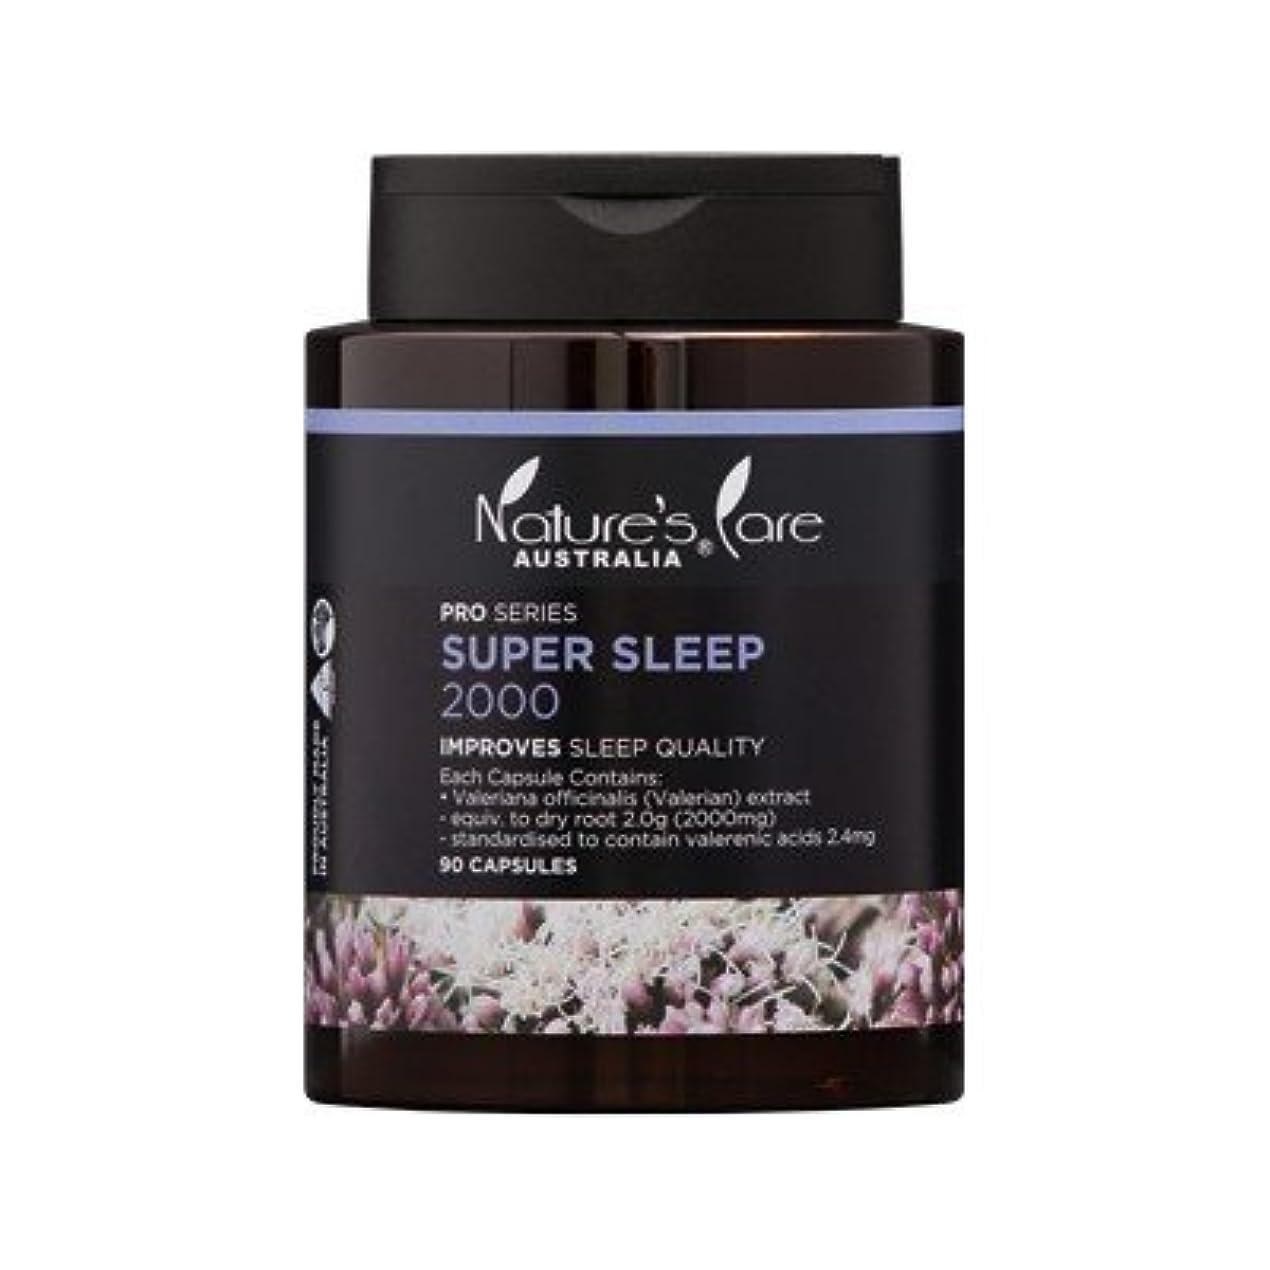 無駄がっかりする誠実さ【Nature's Care】上質な睡眠をサポート☆Super Sleep スーパースリープ 2000mg 90カプセル入